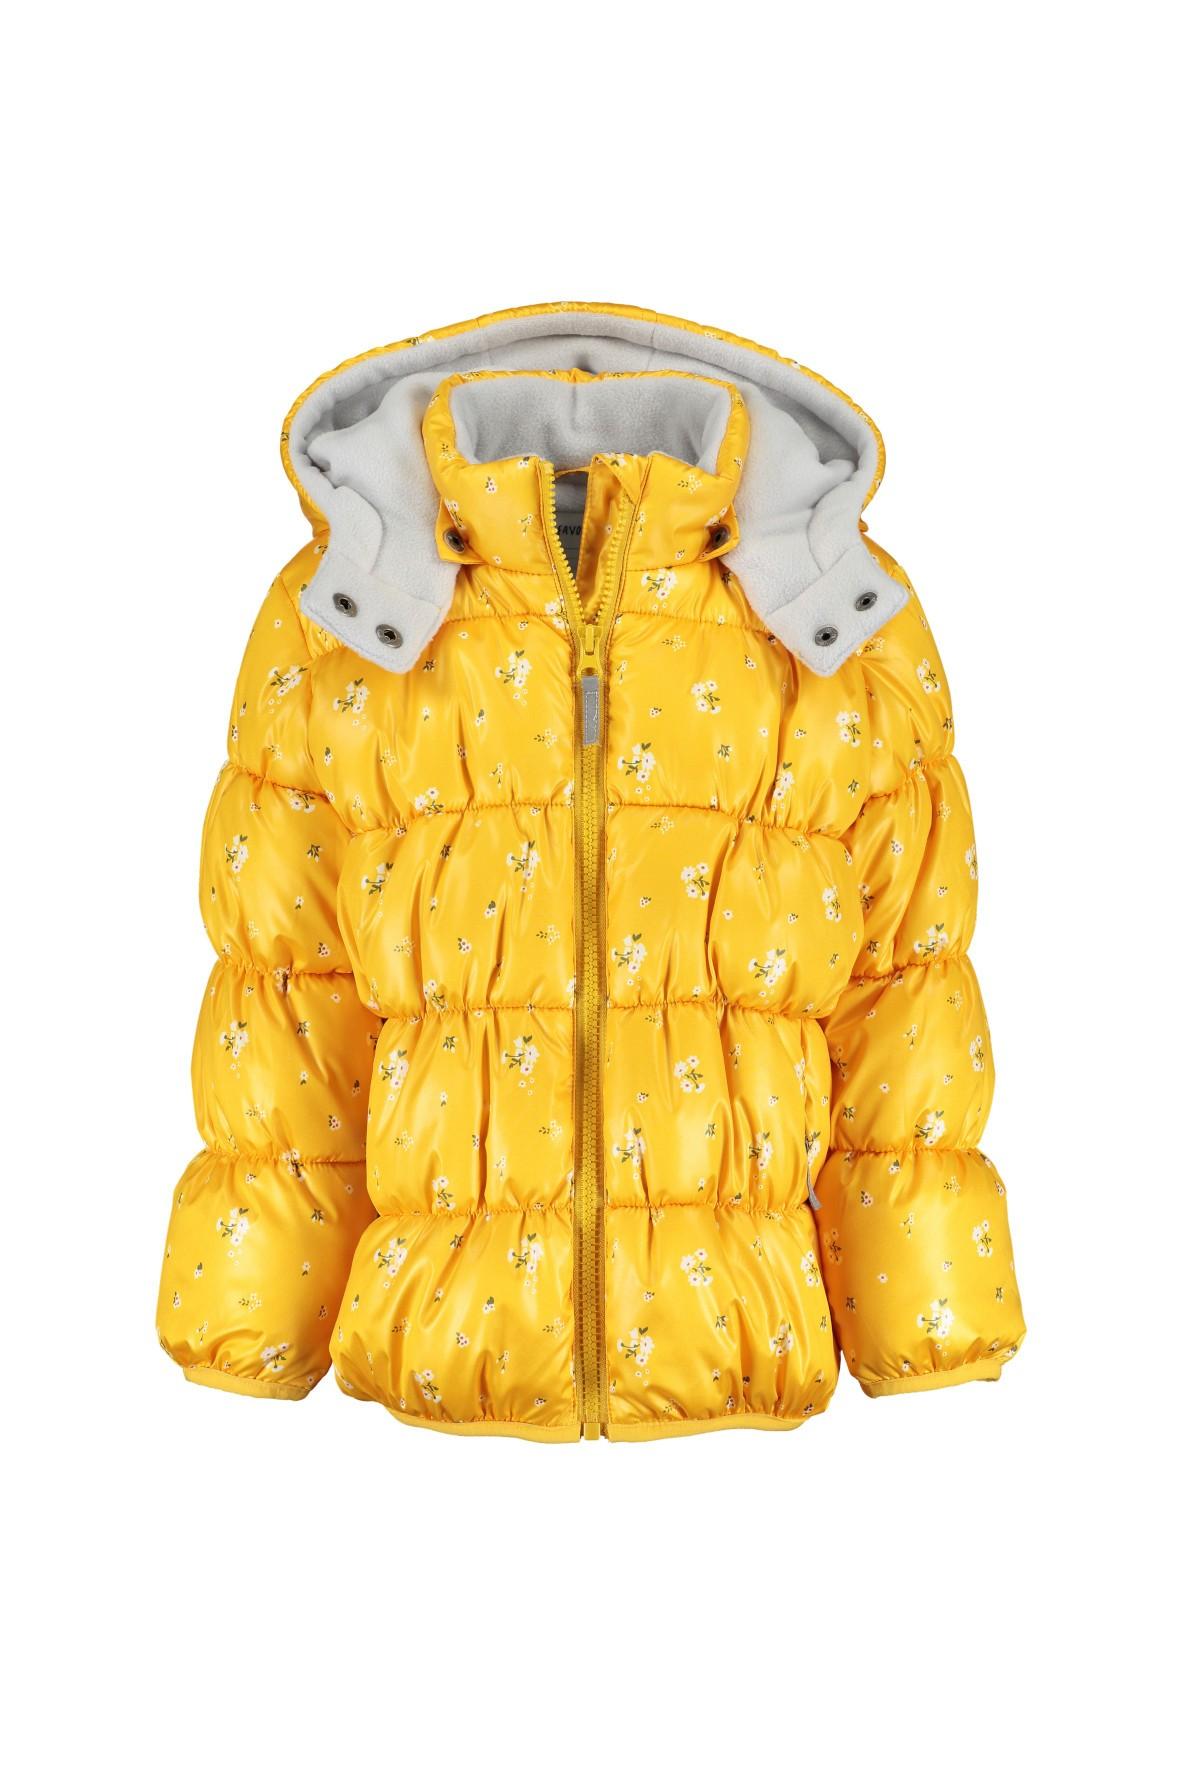 Kurtka pikowana żółta w kwiaty - polarowa podszewka